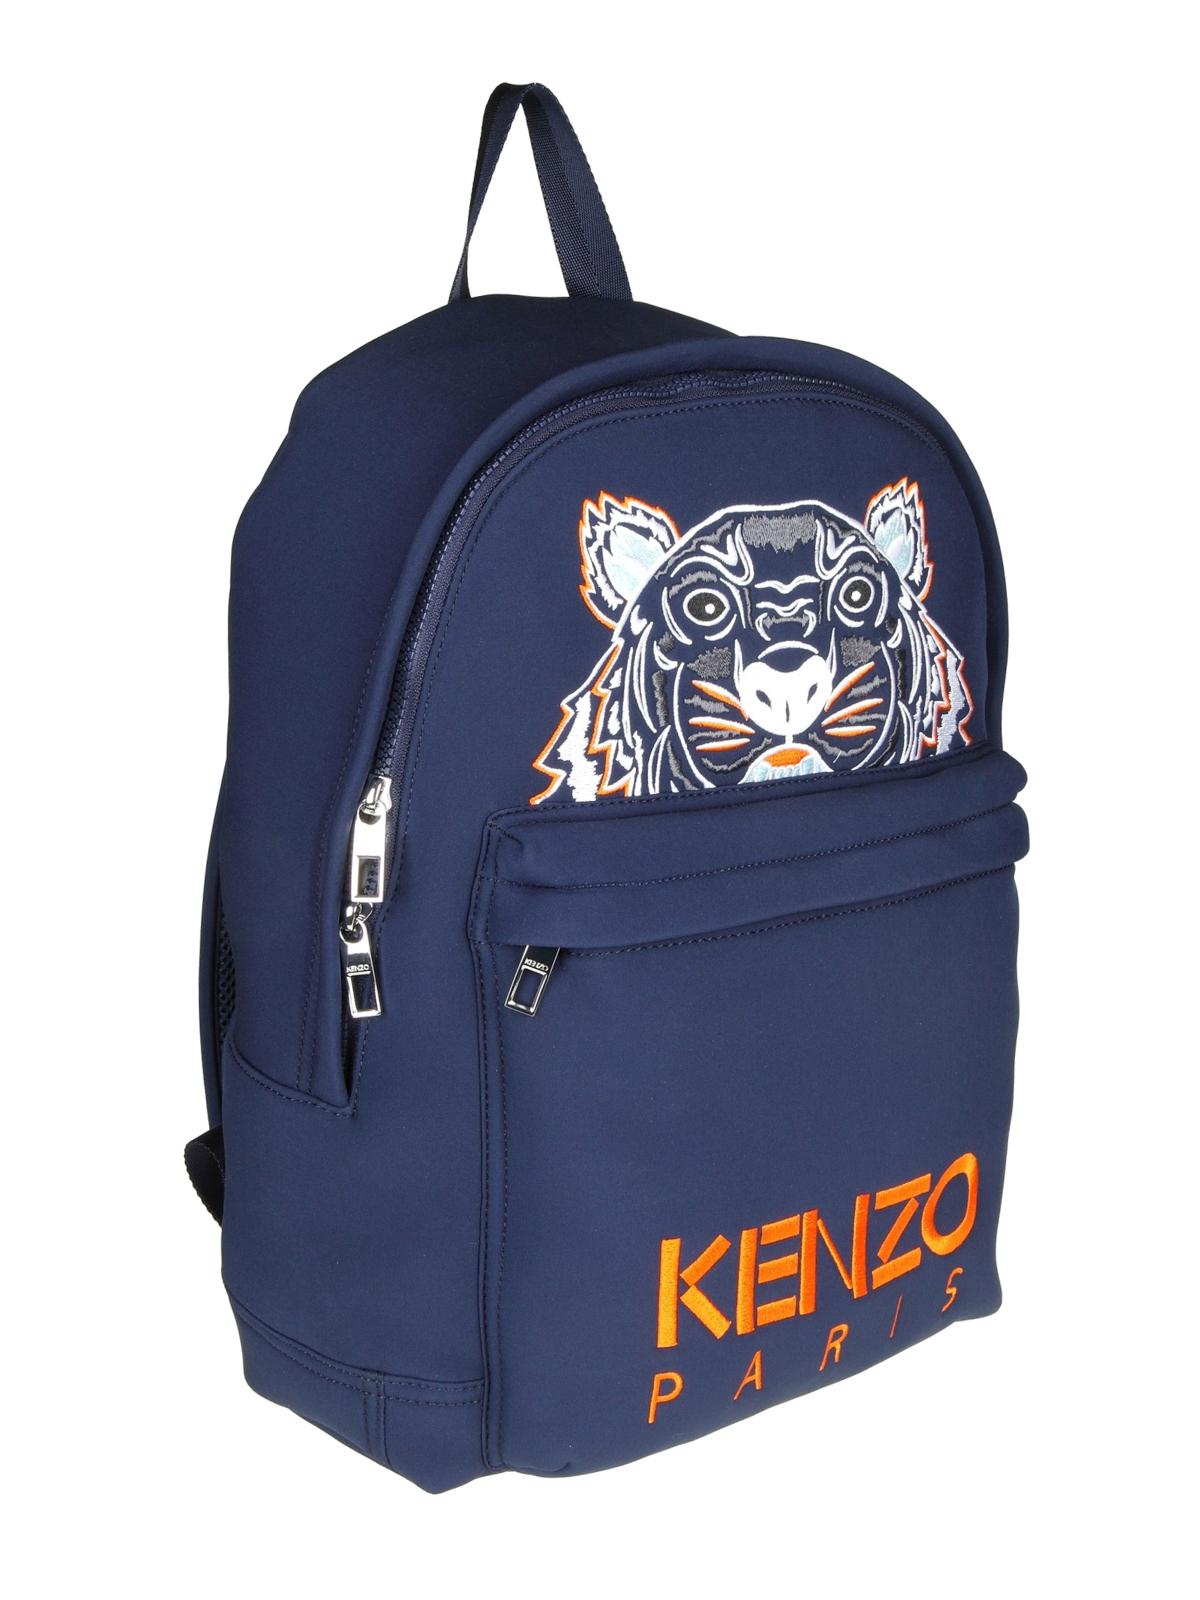 cfc2c8bbb9 KENZO: backpacks online - Tiger navy blue neoprene large backpack